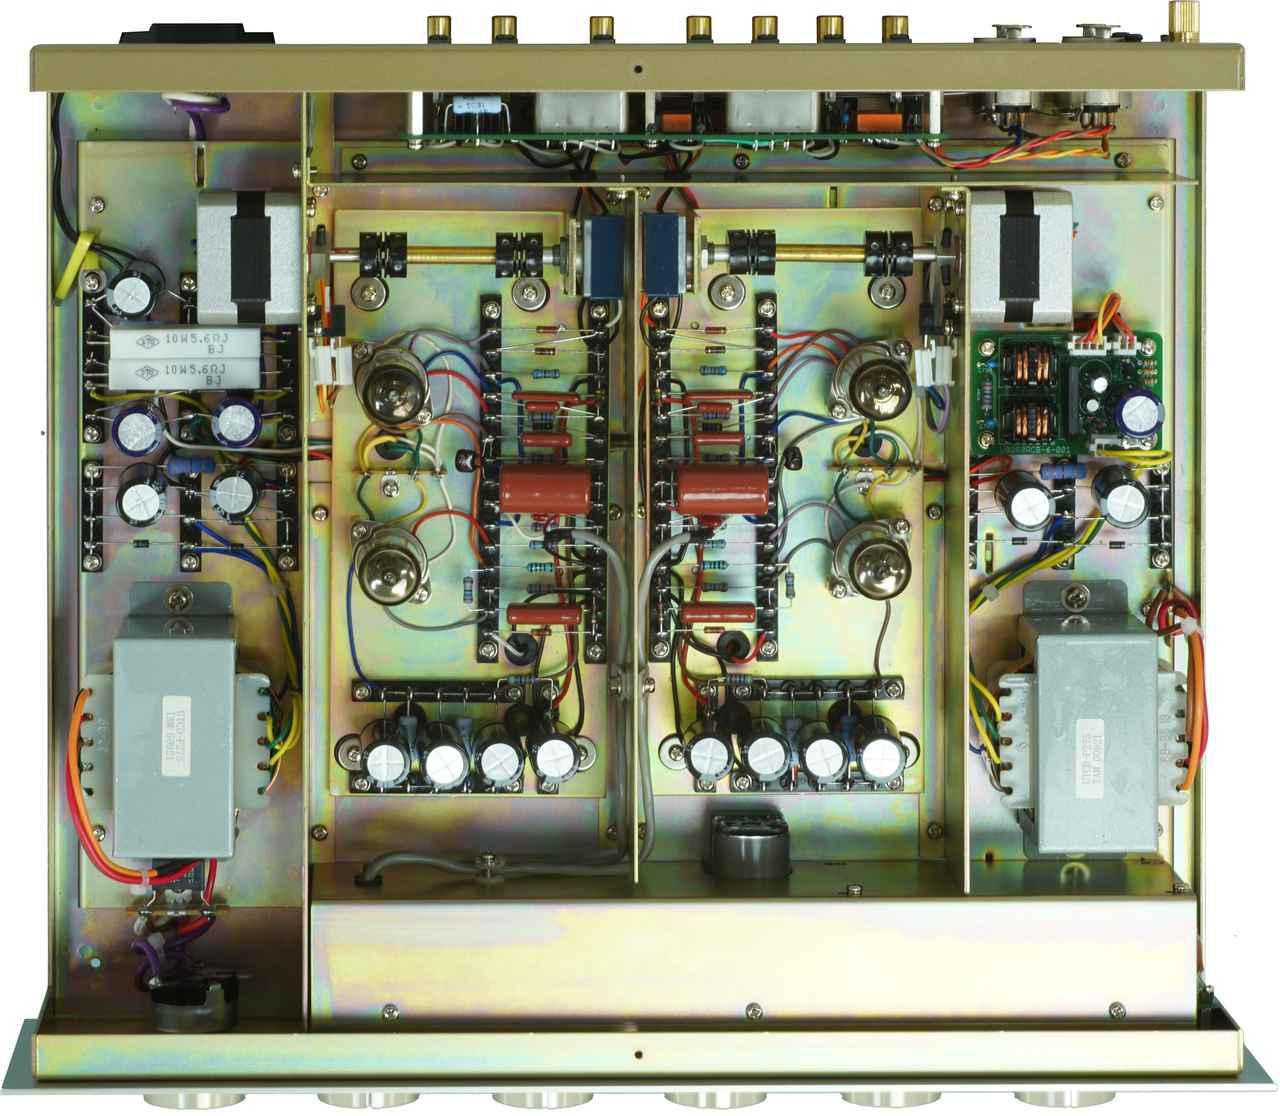 画像: 内部はL/Rチャンネル独立コンストラクションが見て取れます。L/R独立のボリュウムはリアパネル近くに最適配置され、ステッピングモーターで駆動。信号経路は従来比1/7に短縮されています。